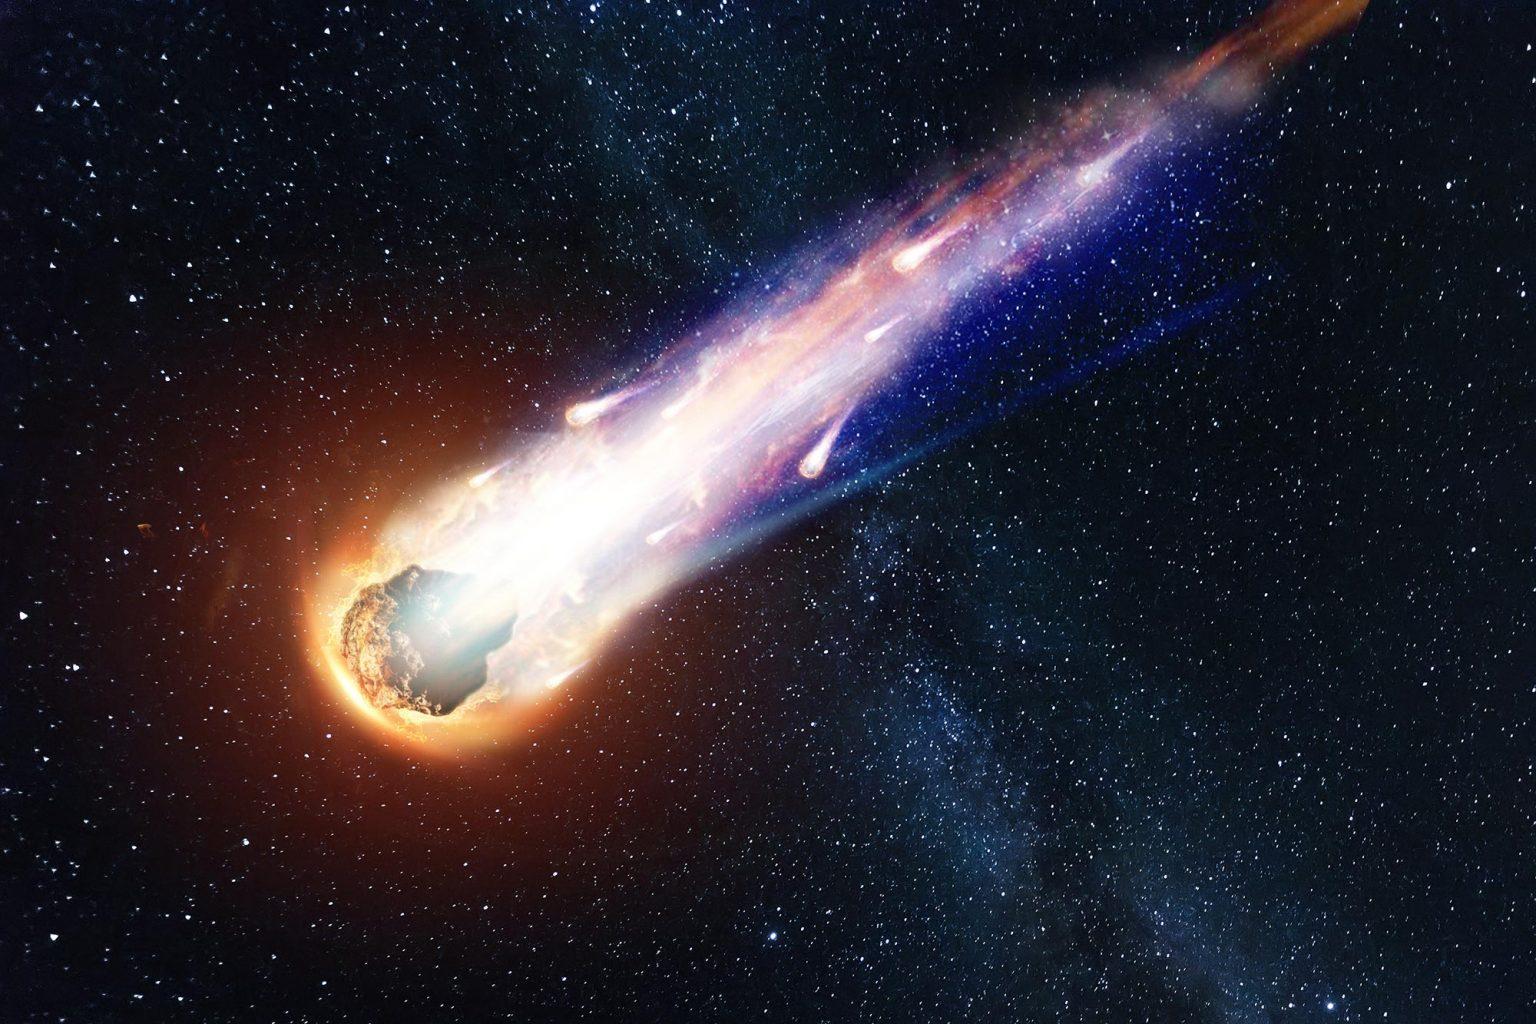 E padëgjuar më parë, gruaja flinte kur meteori ra nga qielli në jastëk